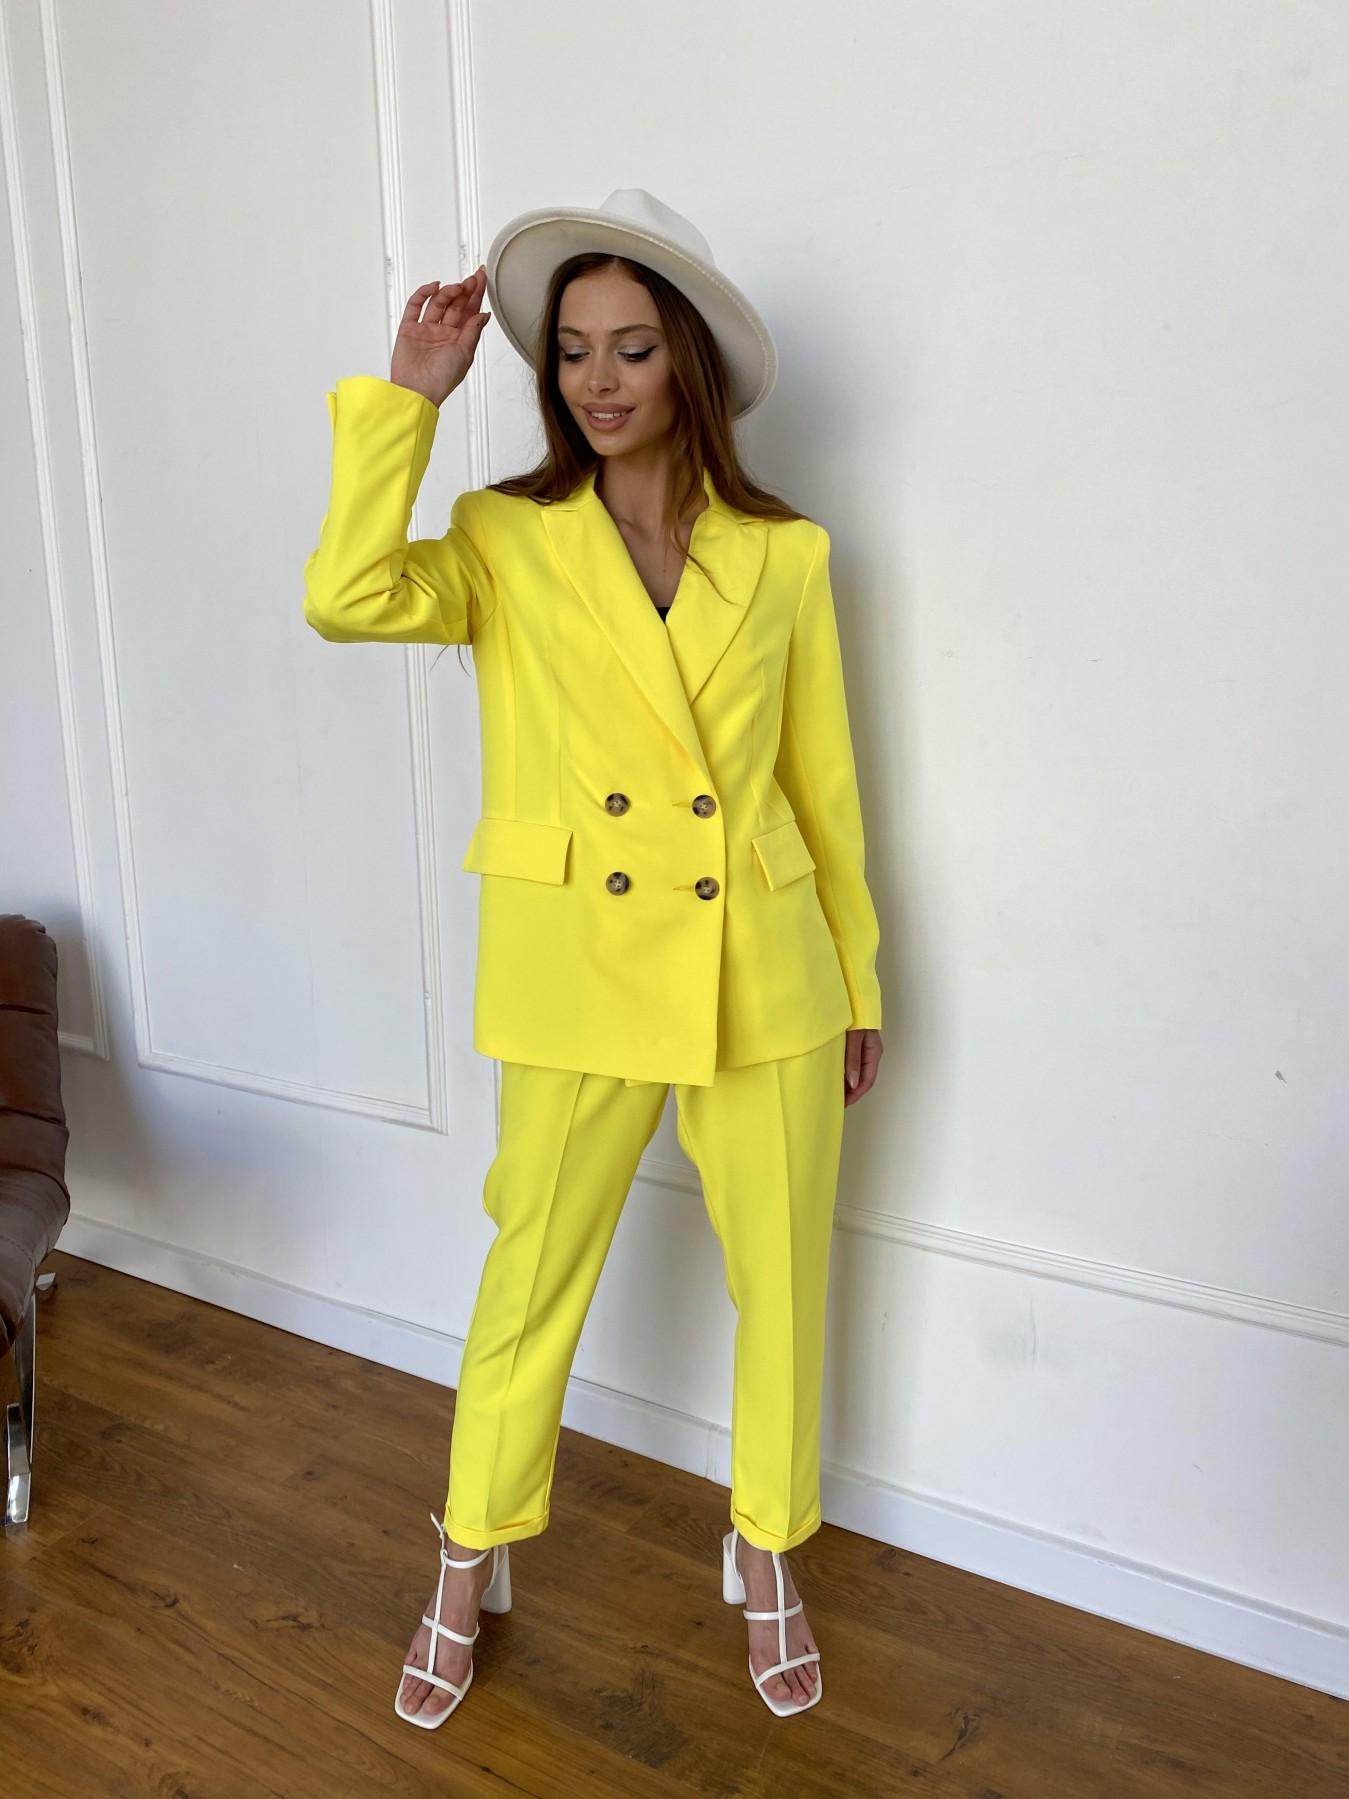 Франко костюм из костюмной ткани 11090 АРТ. 47907 Цвет: Желтый 10 - фото 10, интернет магазин tm-modus.ru